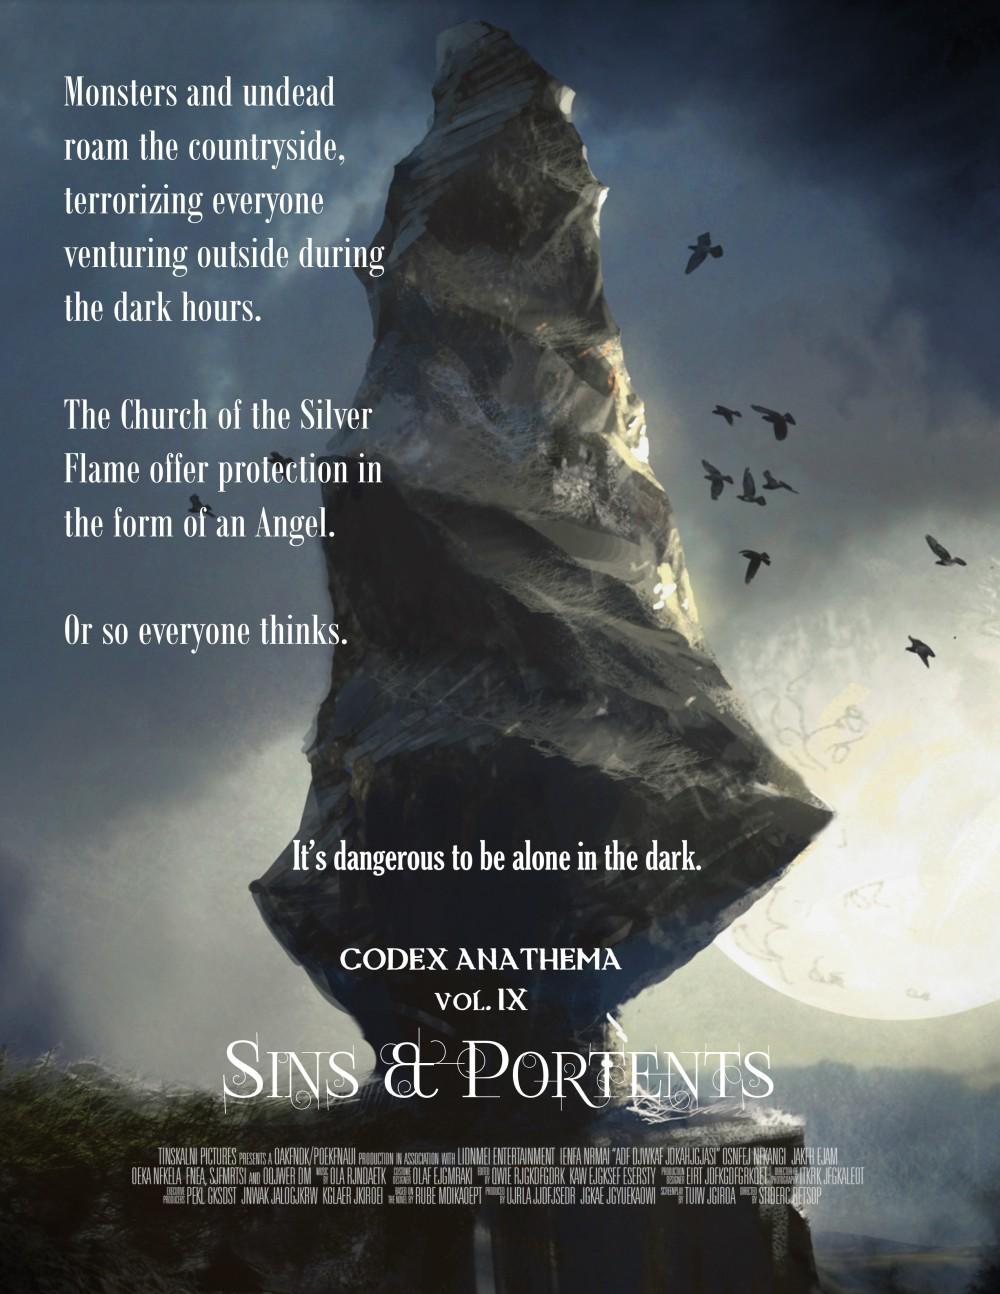 Codex Anathema 9